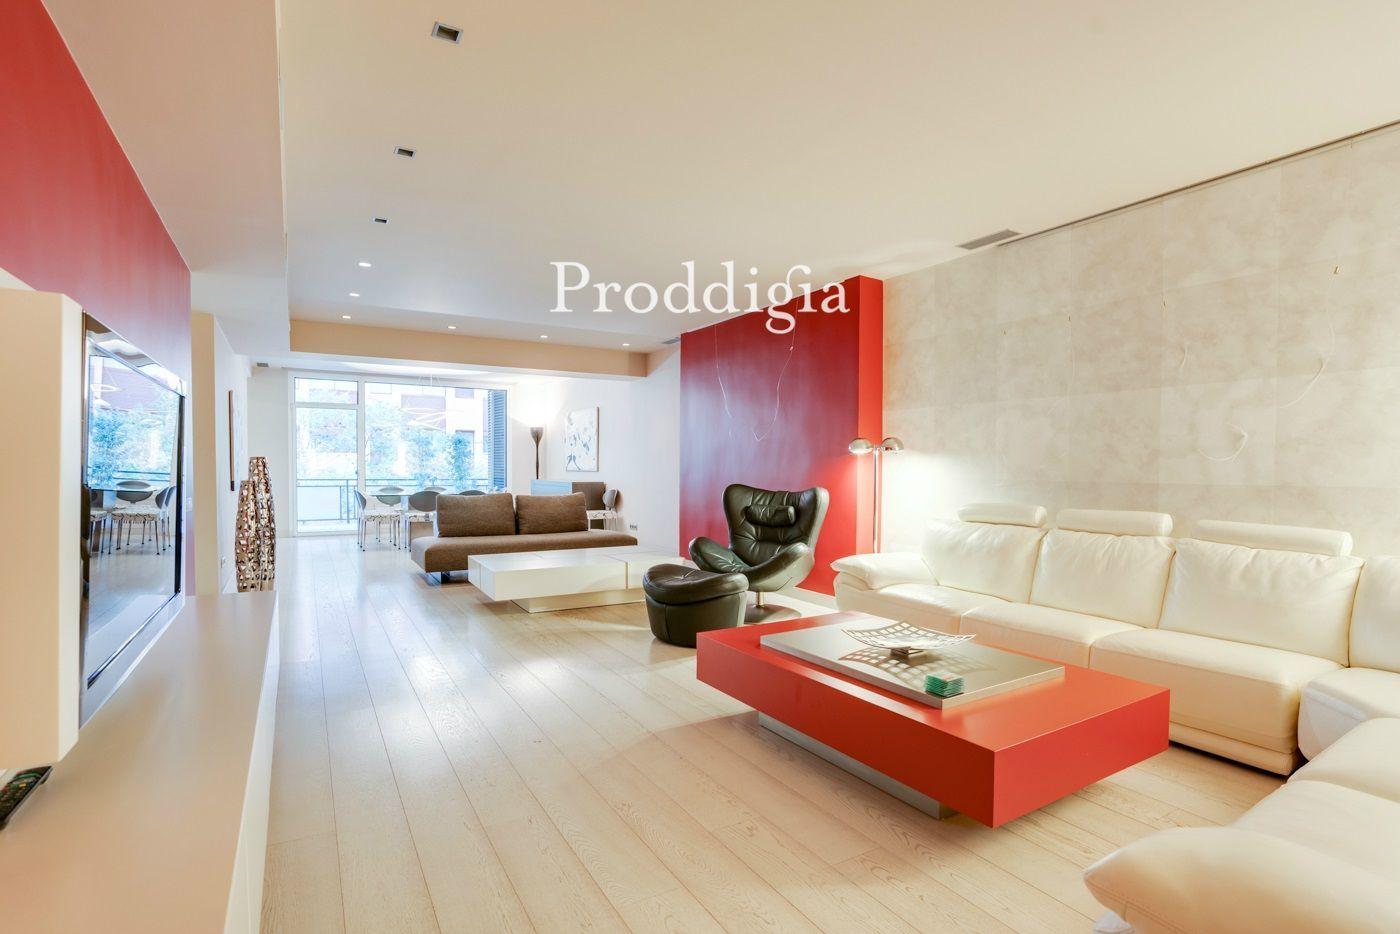 Exclusivo piso de 280m2 en la calle Tuset